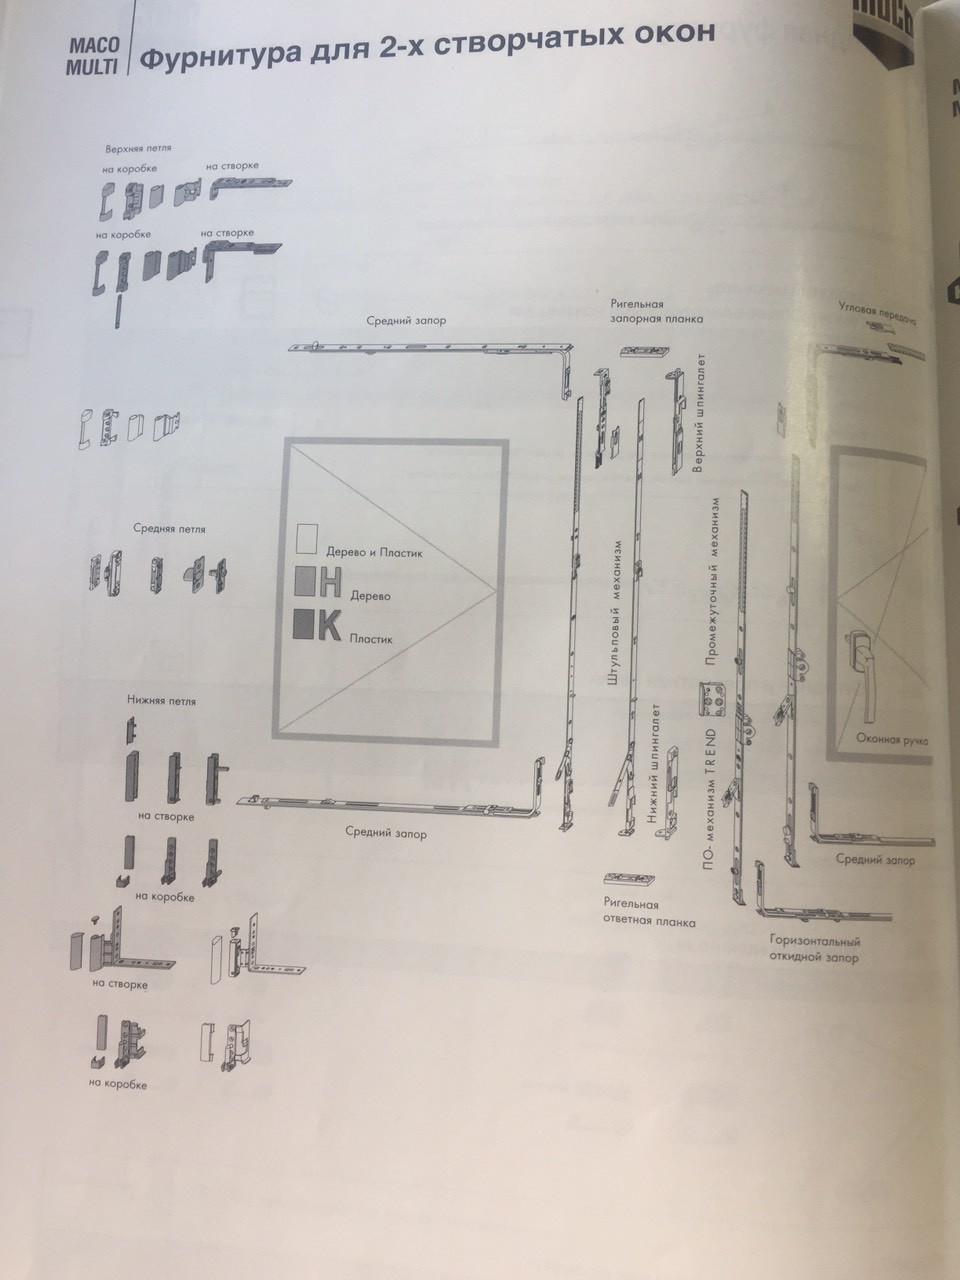 Dk_MACO_11032_Верхний концевик штульп привода